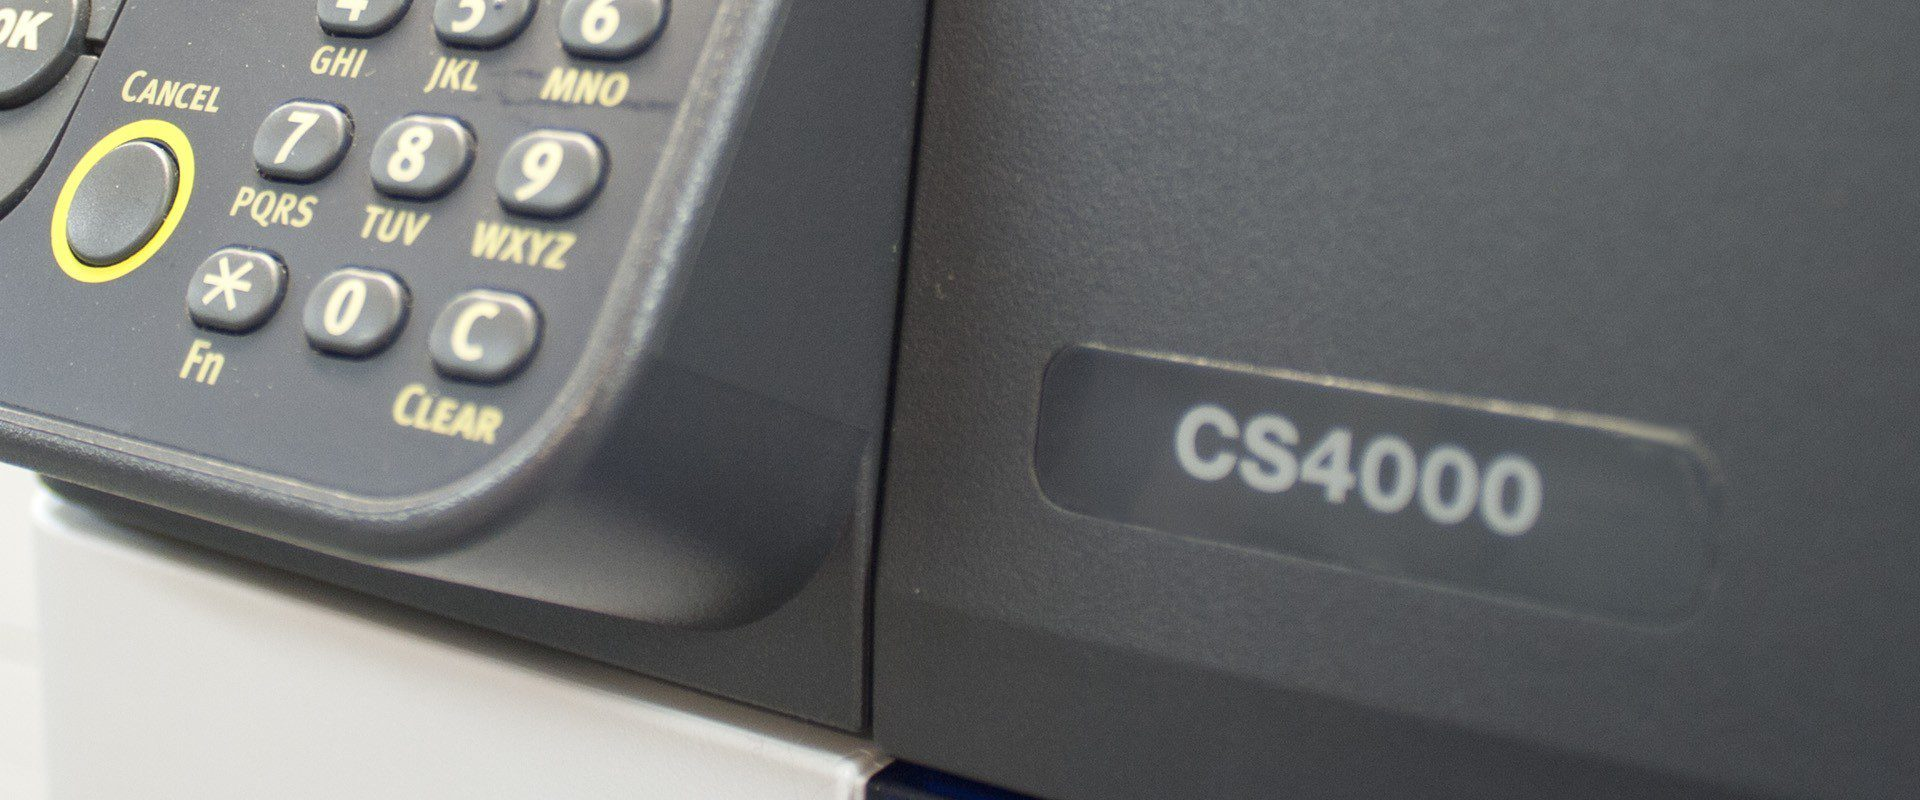 Intec ColorSplash CS4000 digital printer